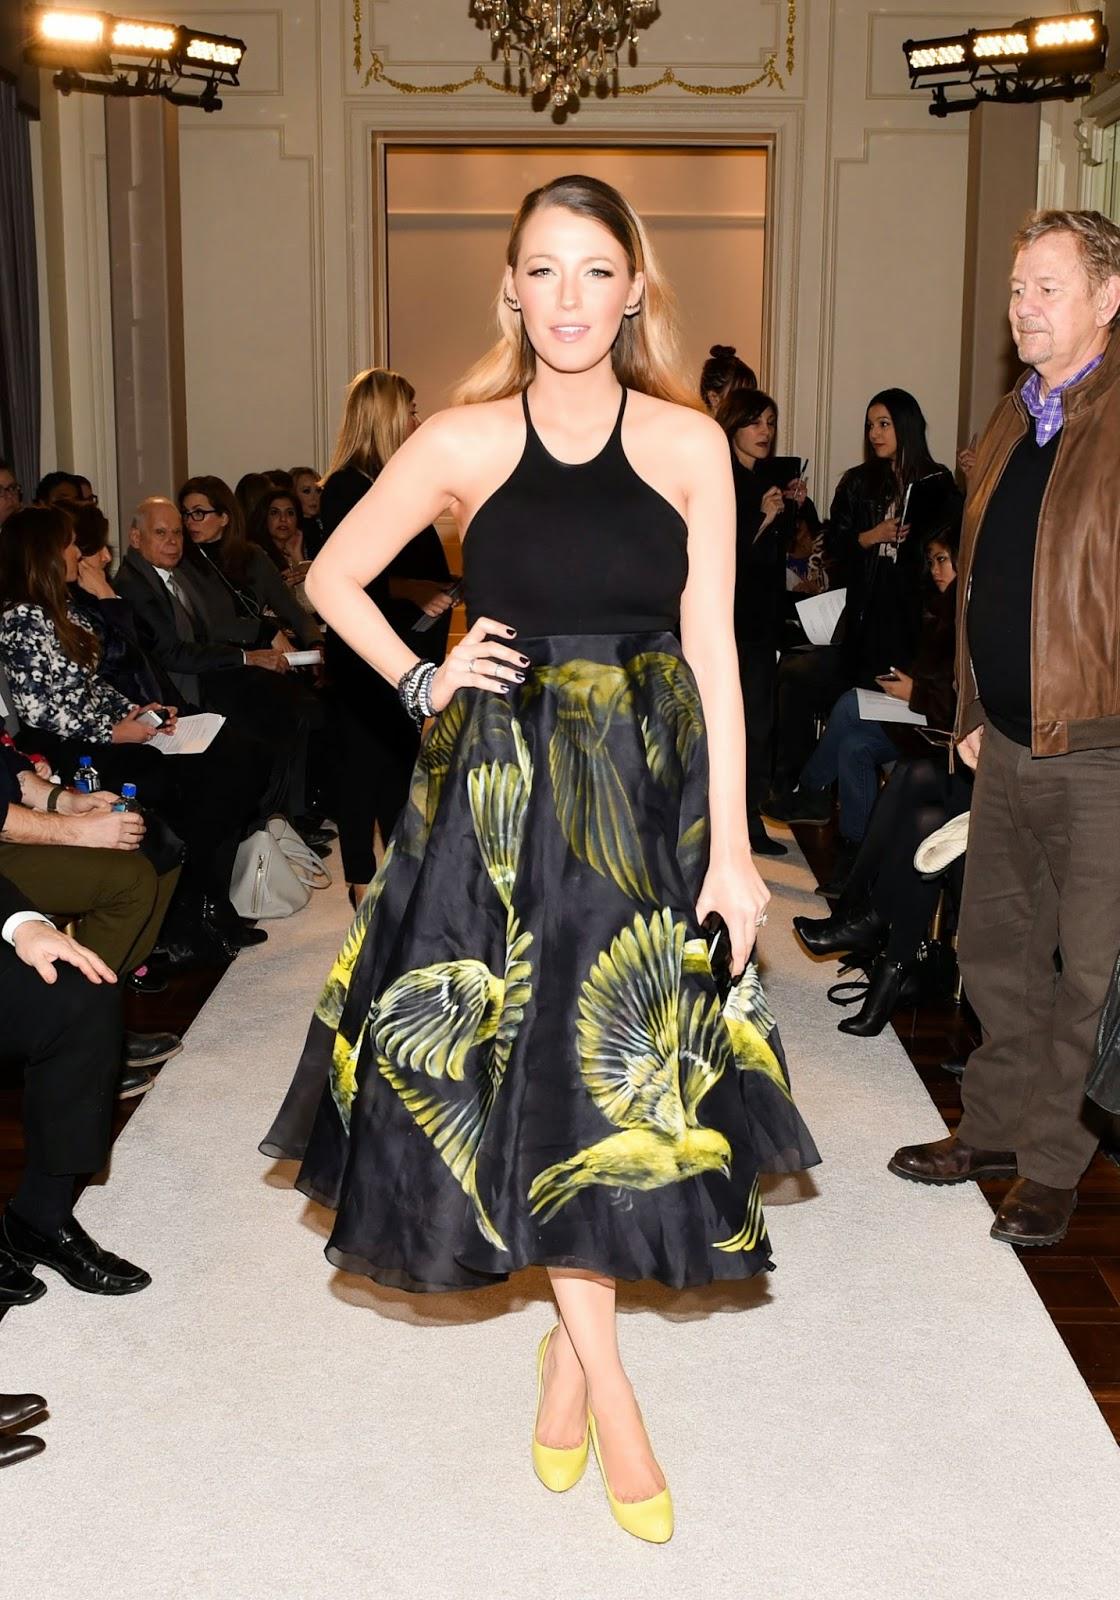 اطلالة مميزة لـ بليك ليفلي في عرض أزياء مارتشيسا في مدينة نيويورك